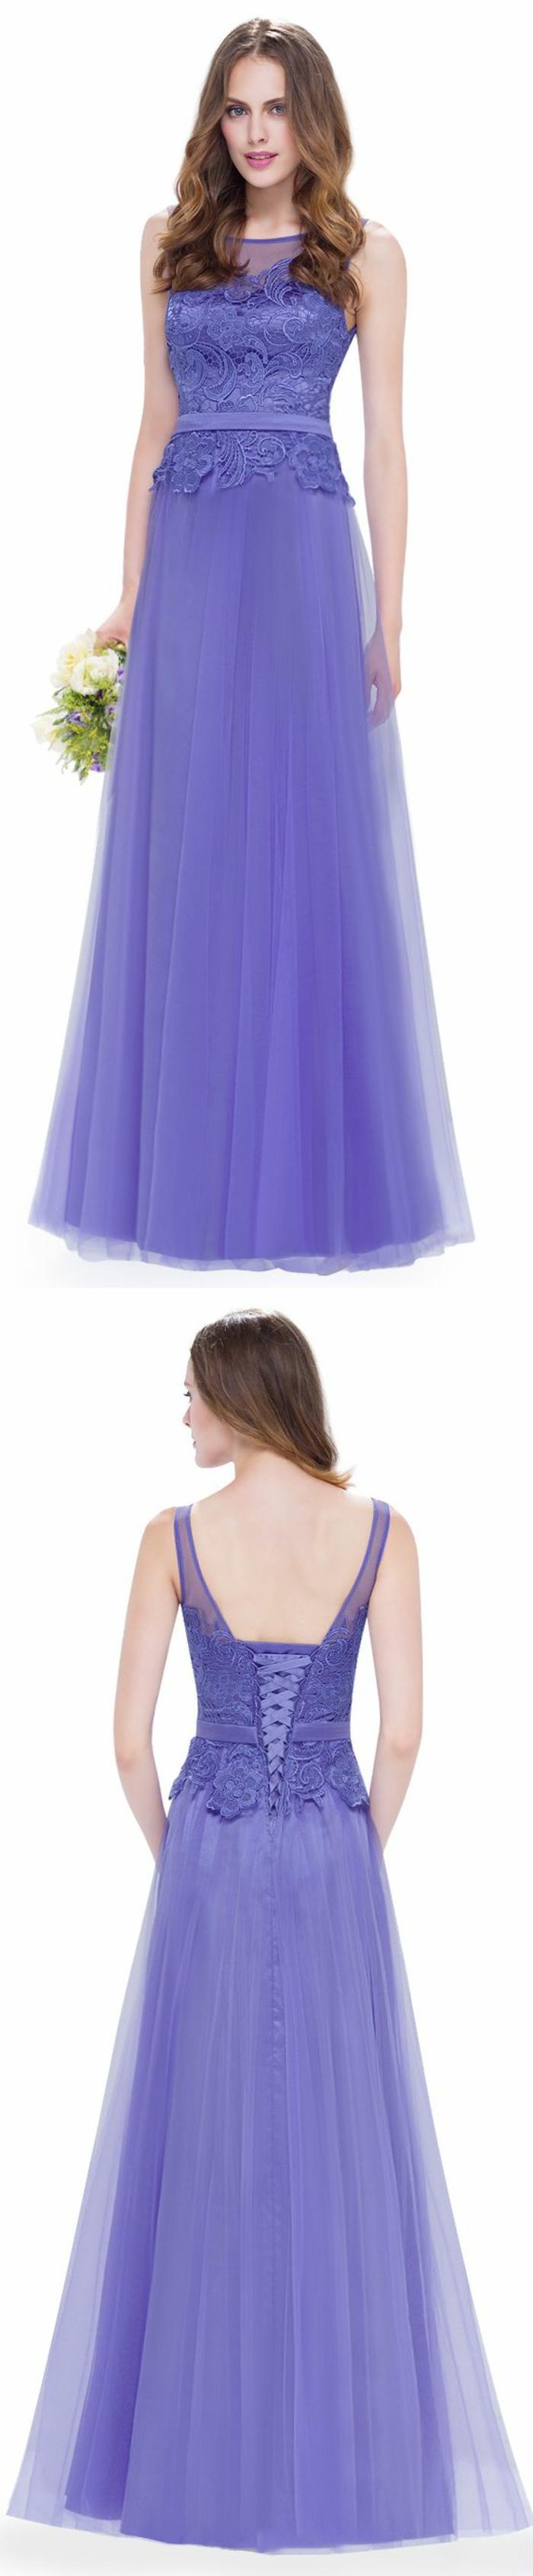 robes pour mariage en lila dame d honneur ou mariée buste avec des lacets en soie lila